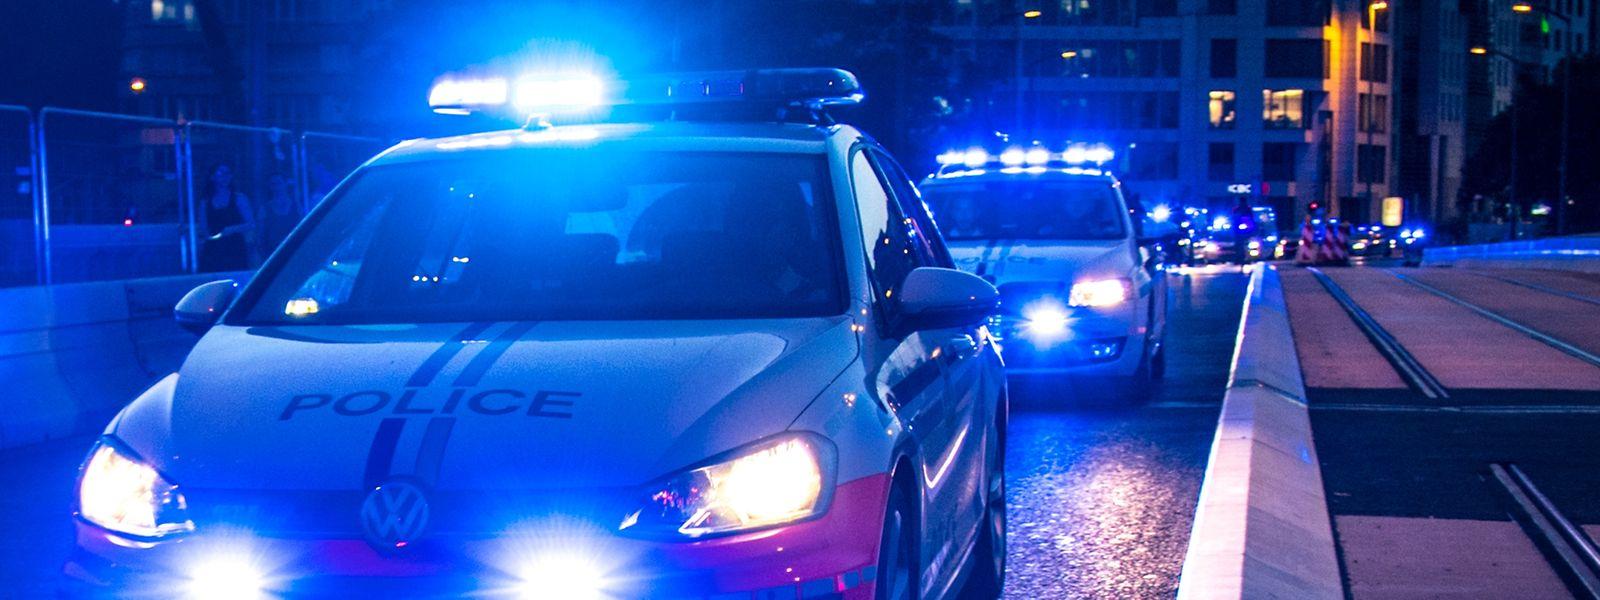 Die Polizei protokollierte die drei Zwischenfälle.